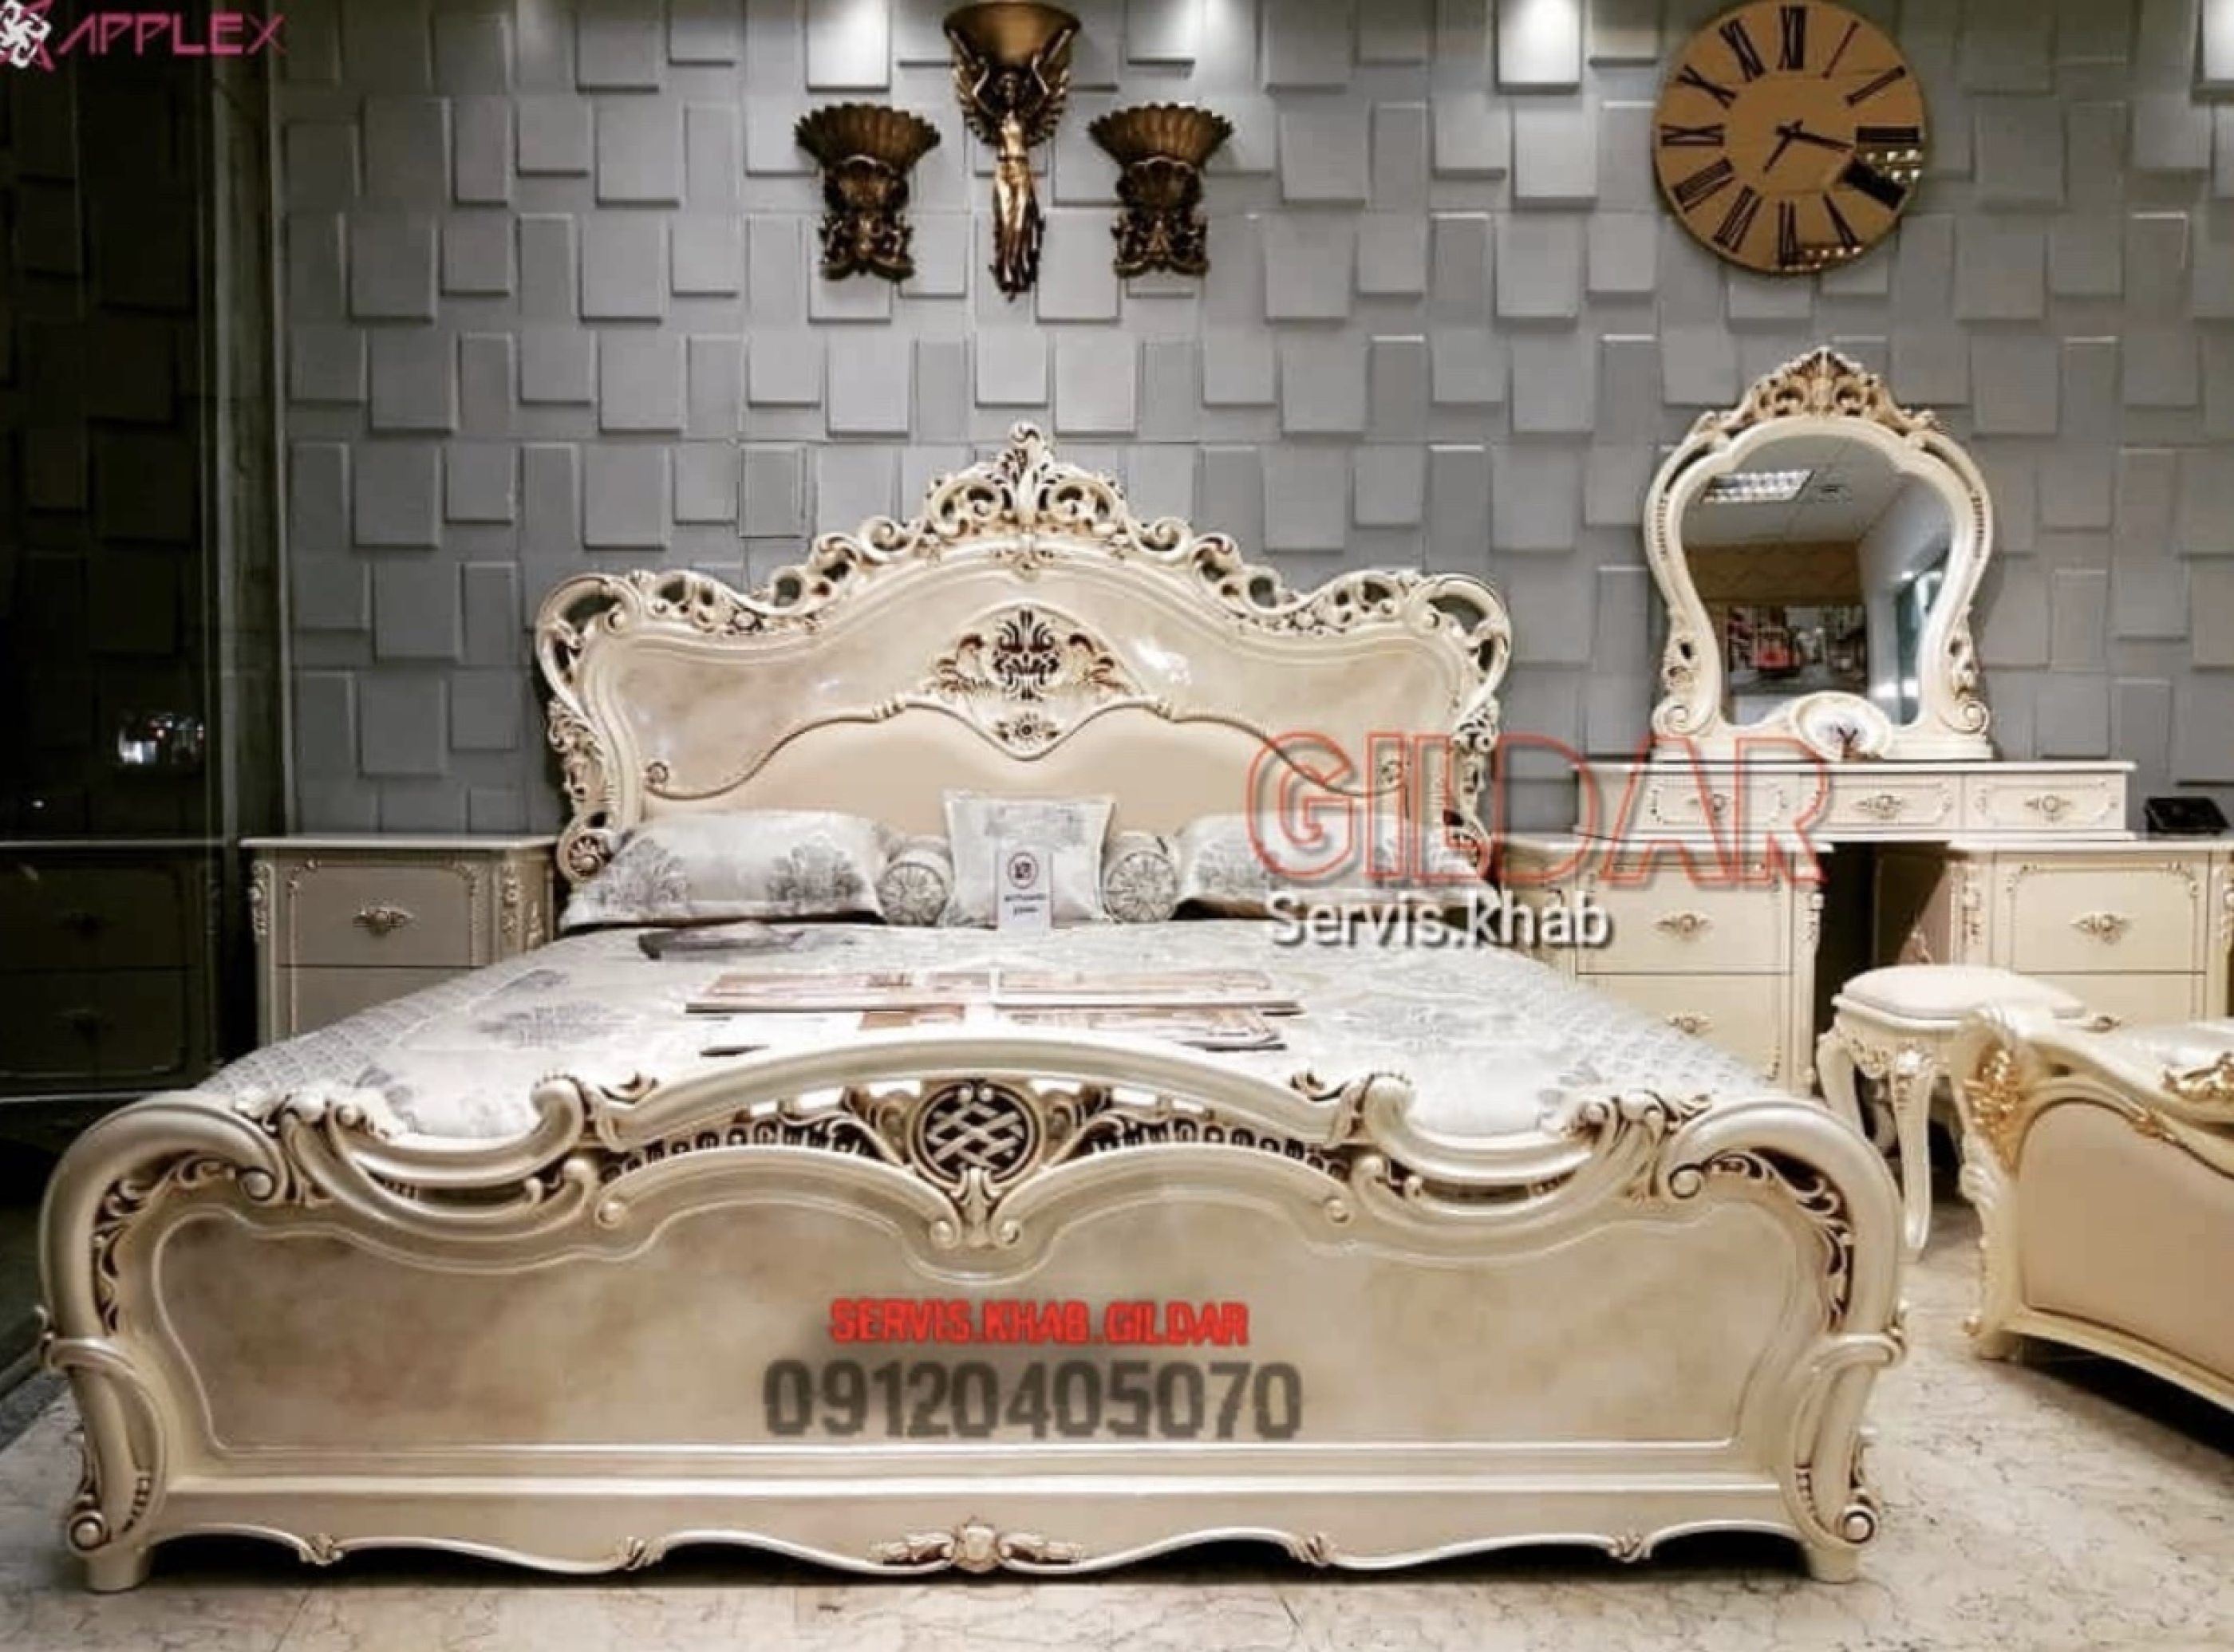 قیمت سرویس خواب کلاسیک مدل آتوسا